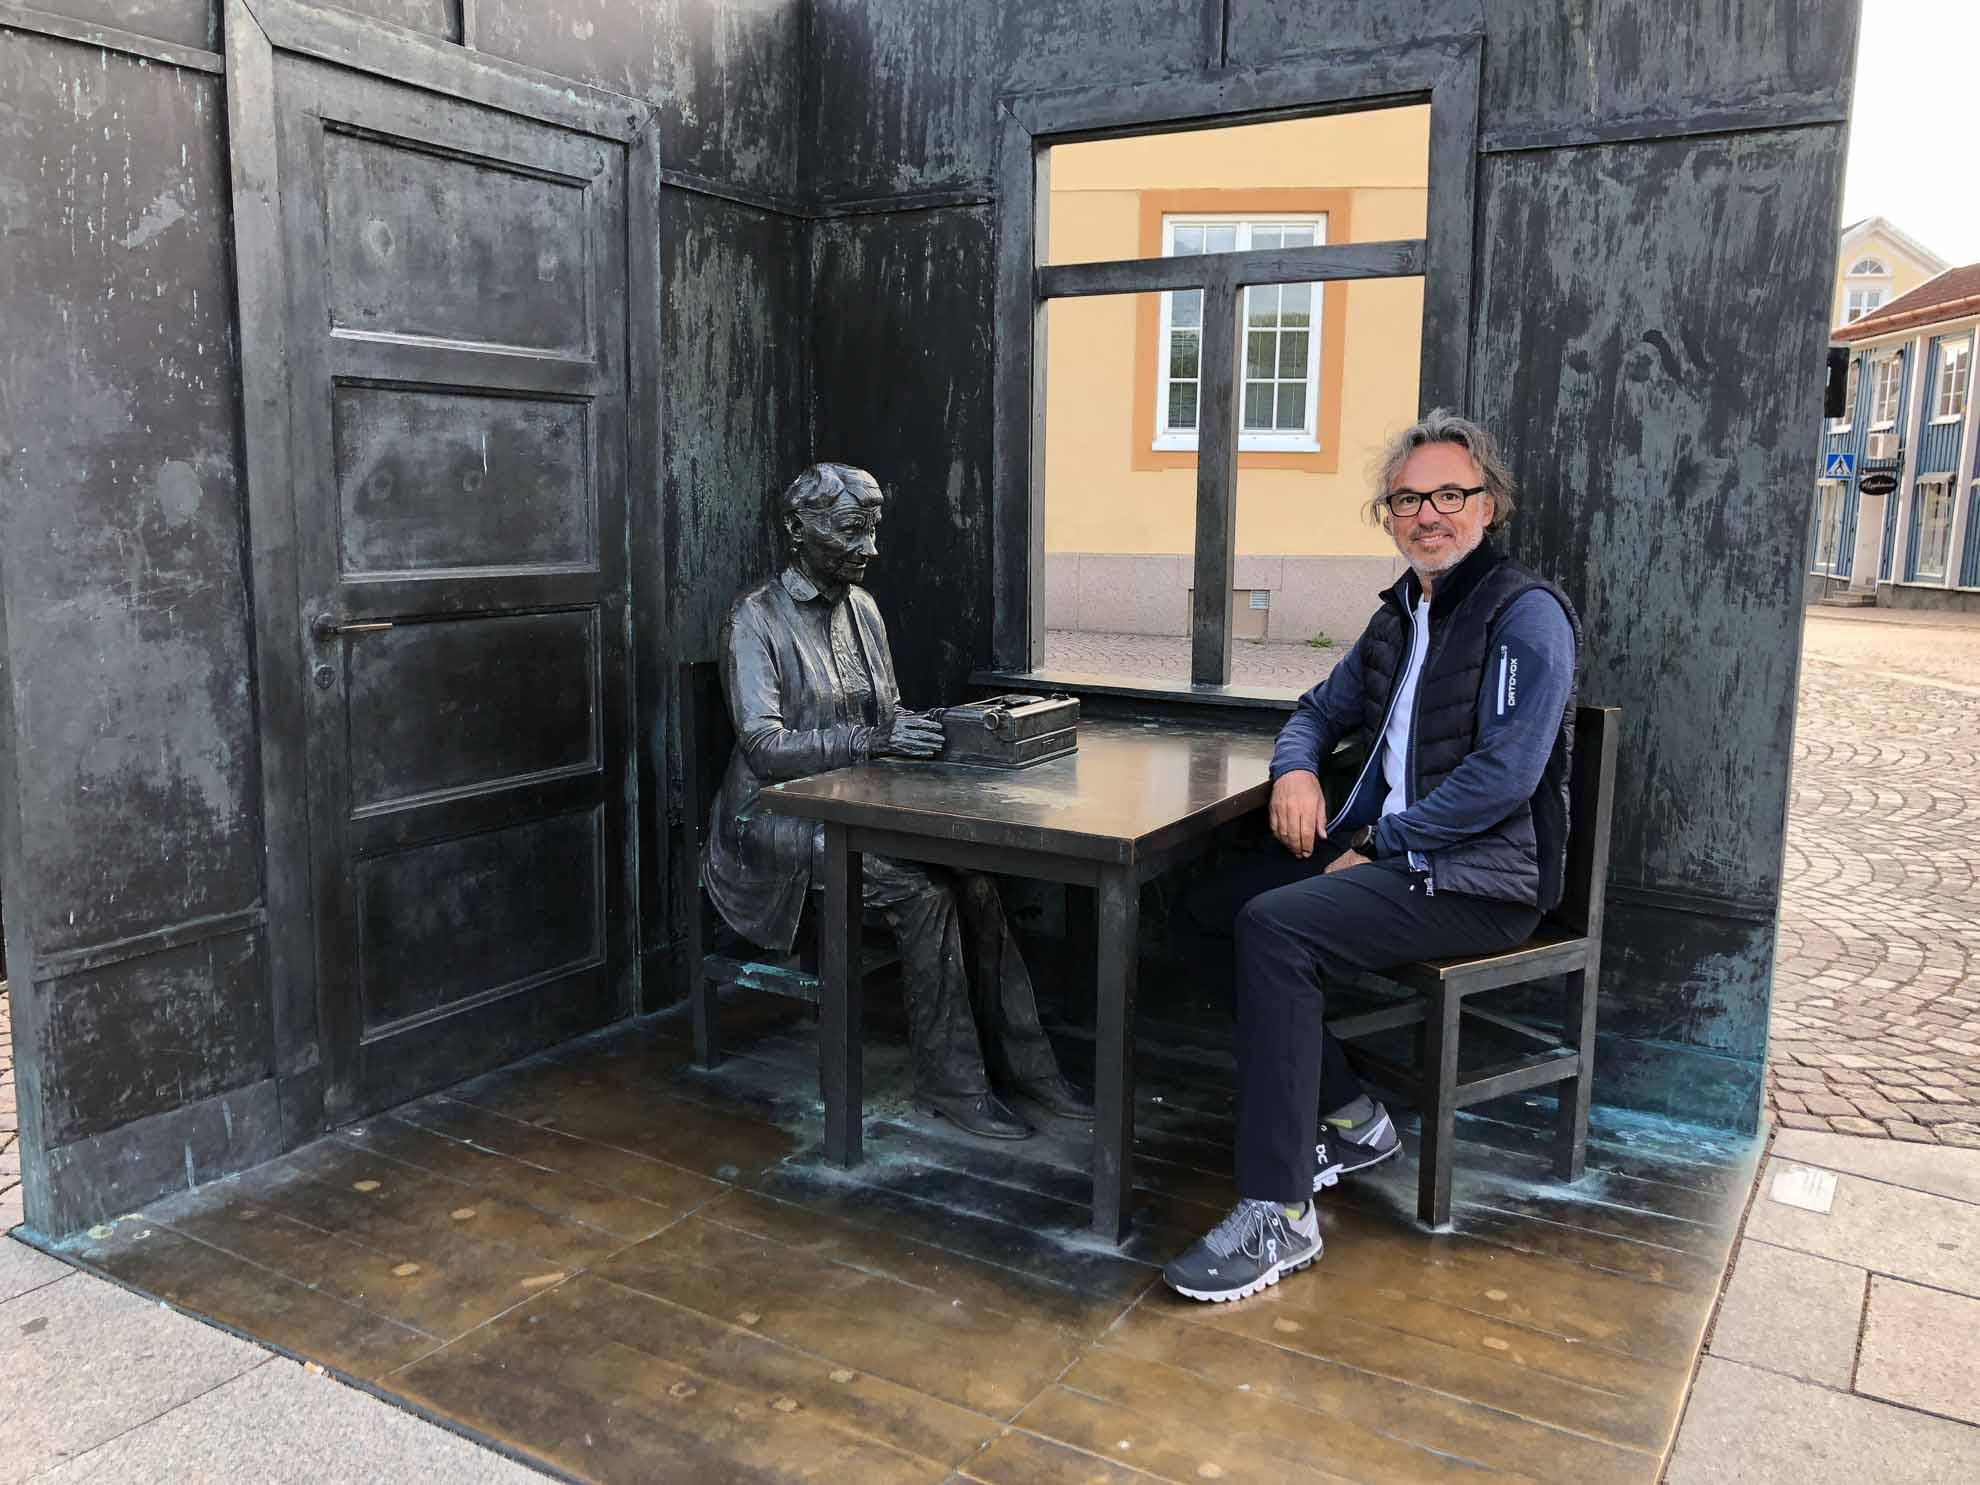 Und Astrid Lindgren! In einem Themenpark bei Vimmerby kann man ihre Geschichten erleben.